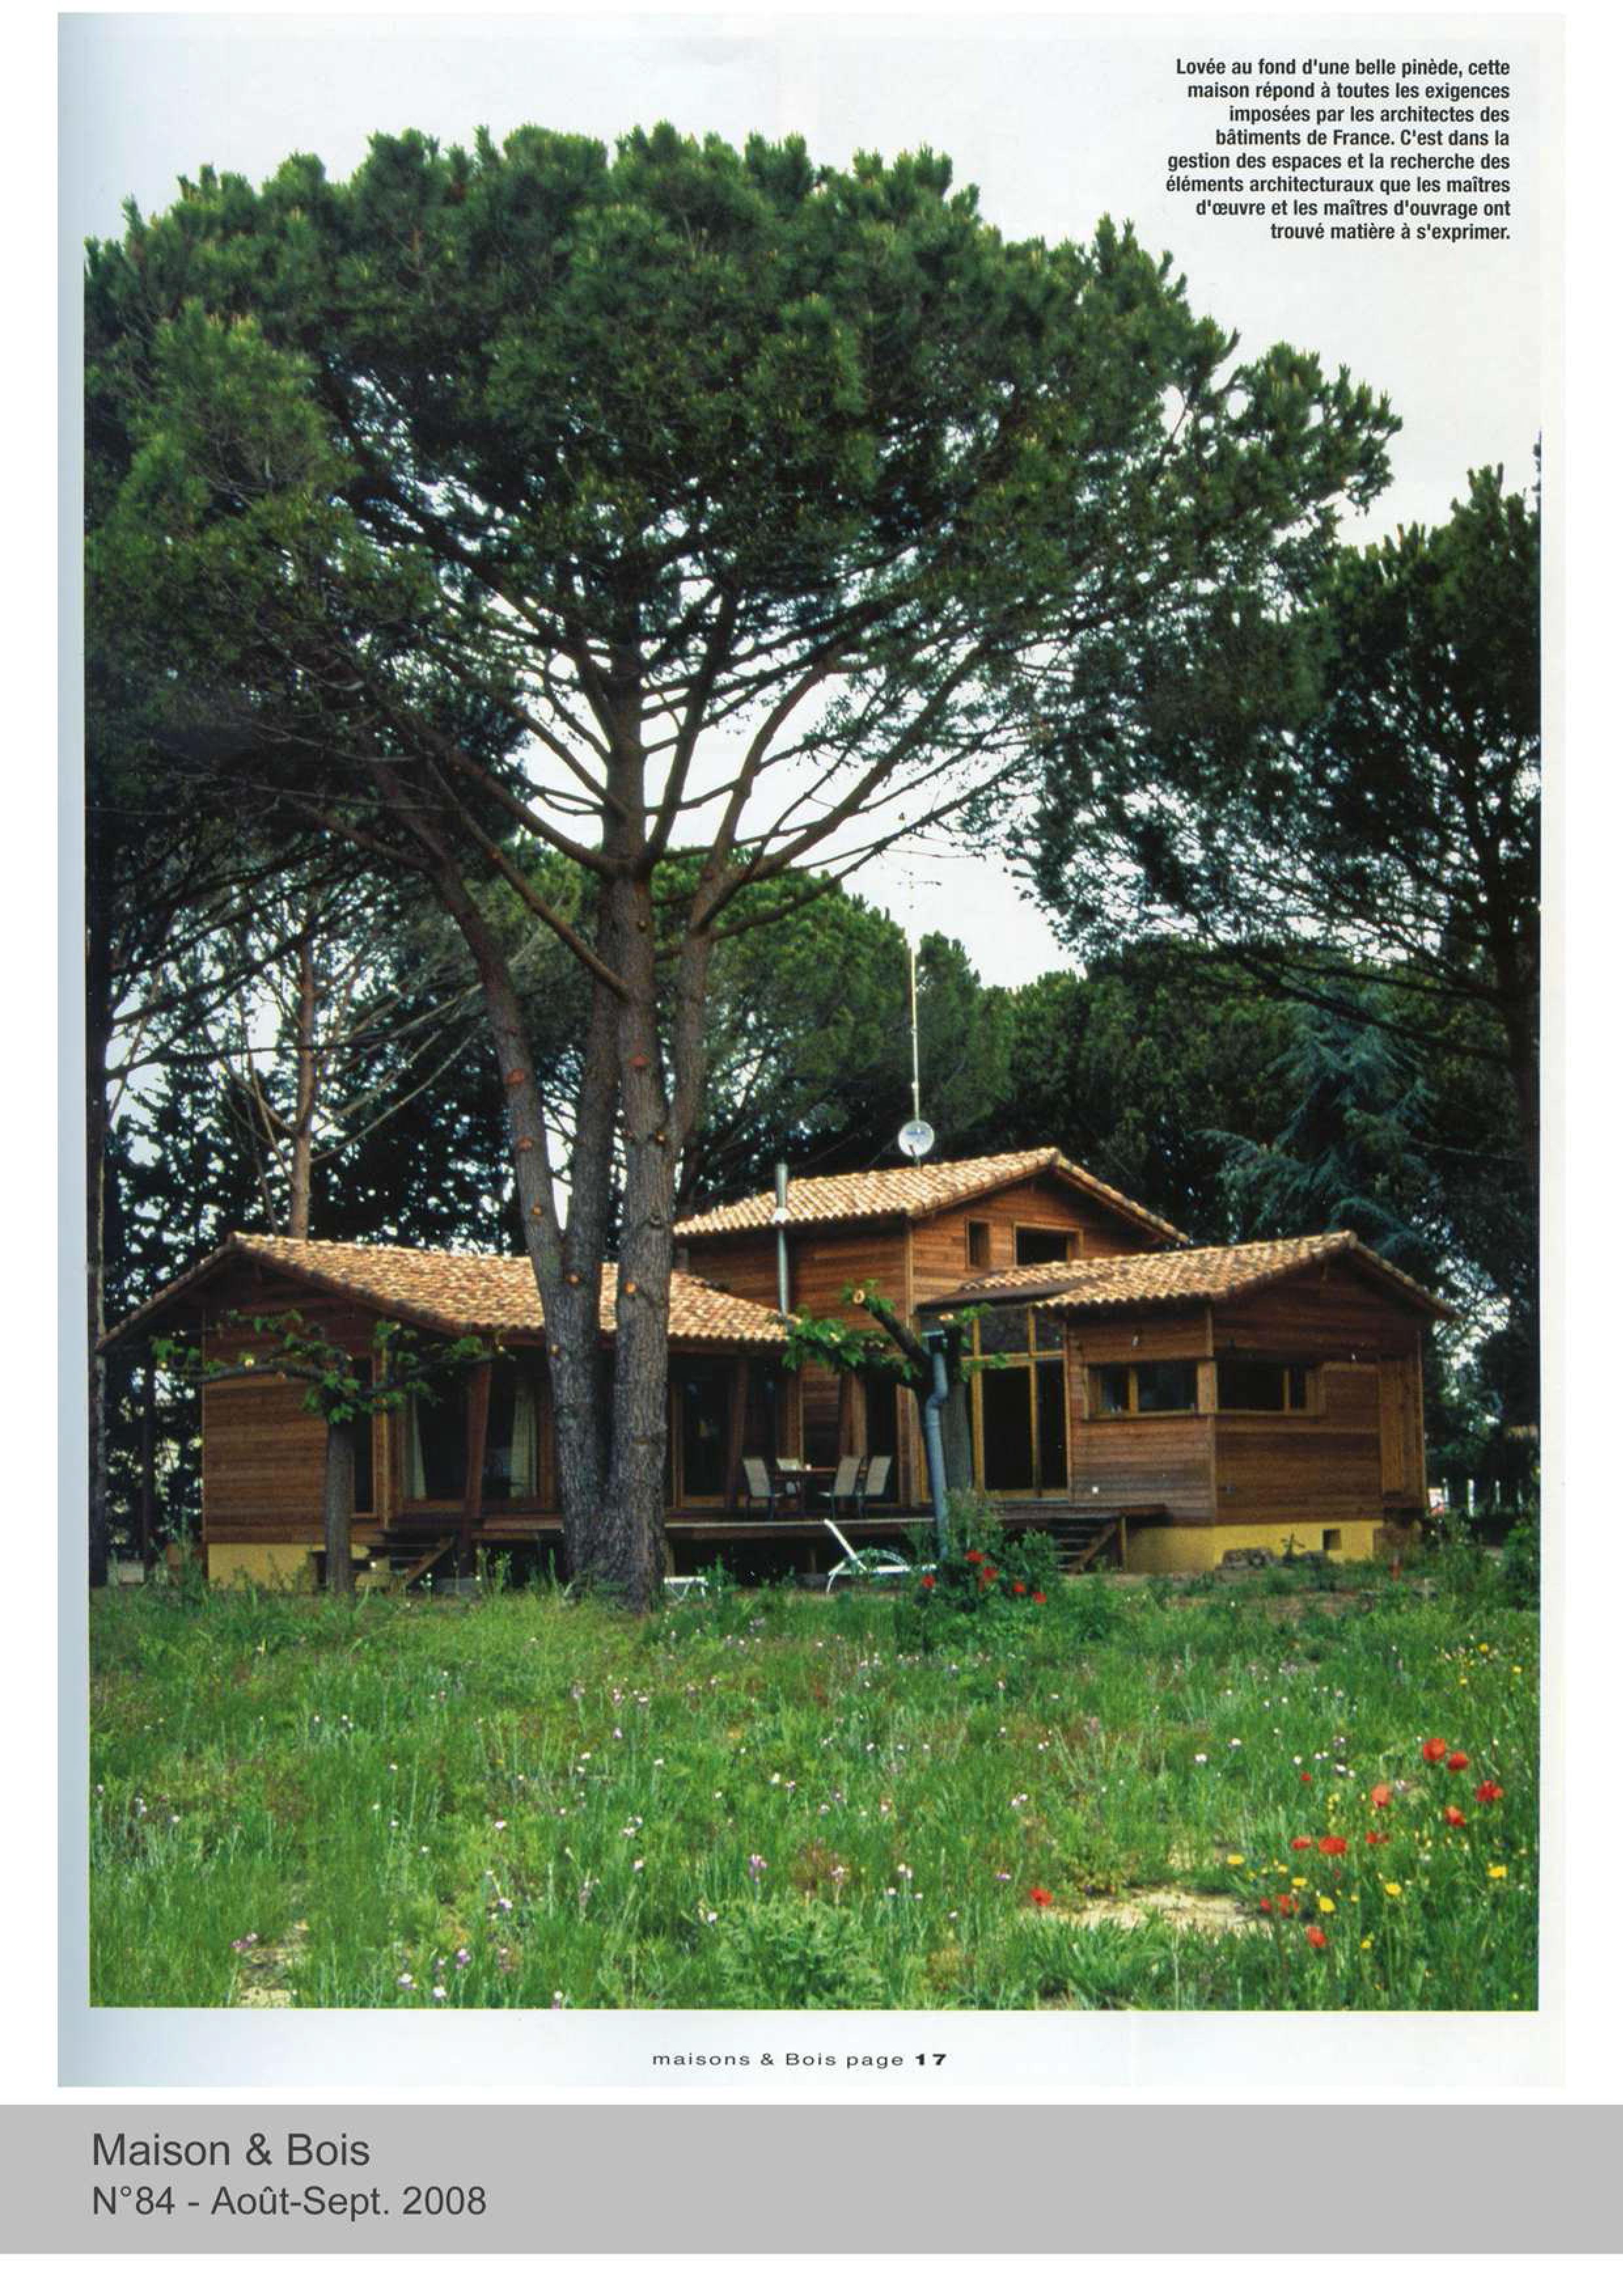 maison-bois-n-84-aout-sept-2008-2